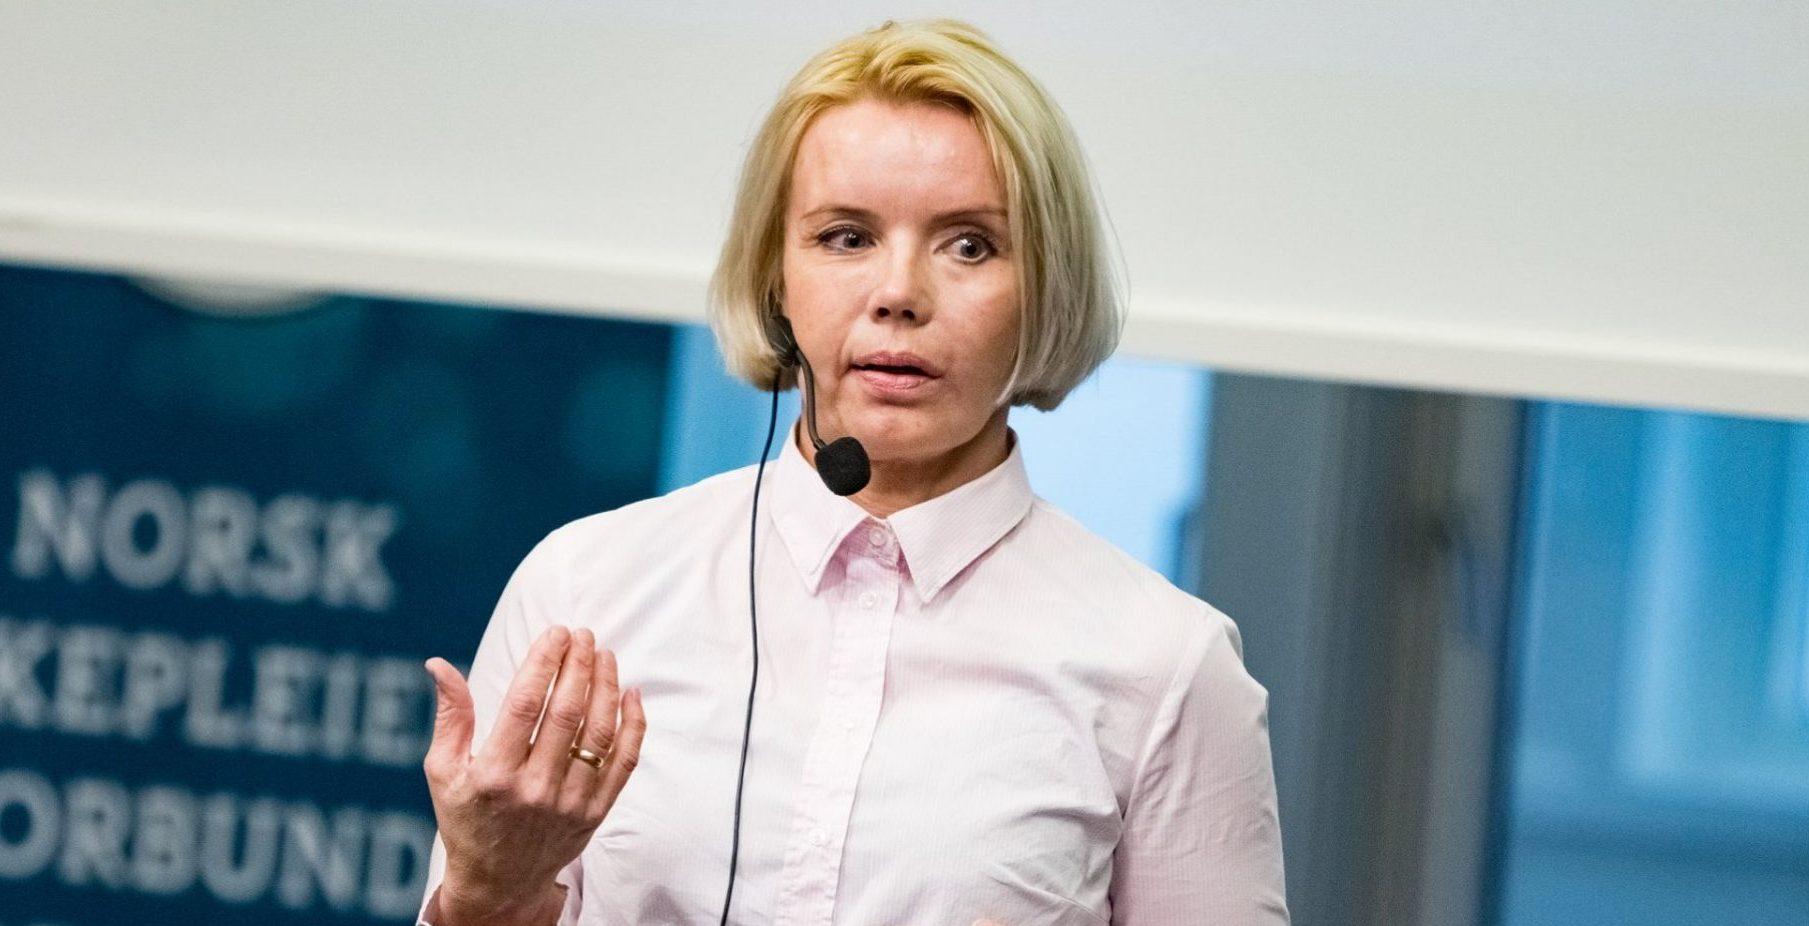 Lena Klingan